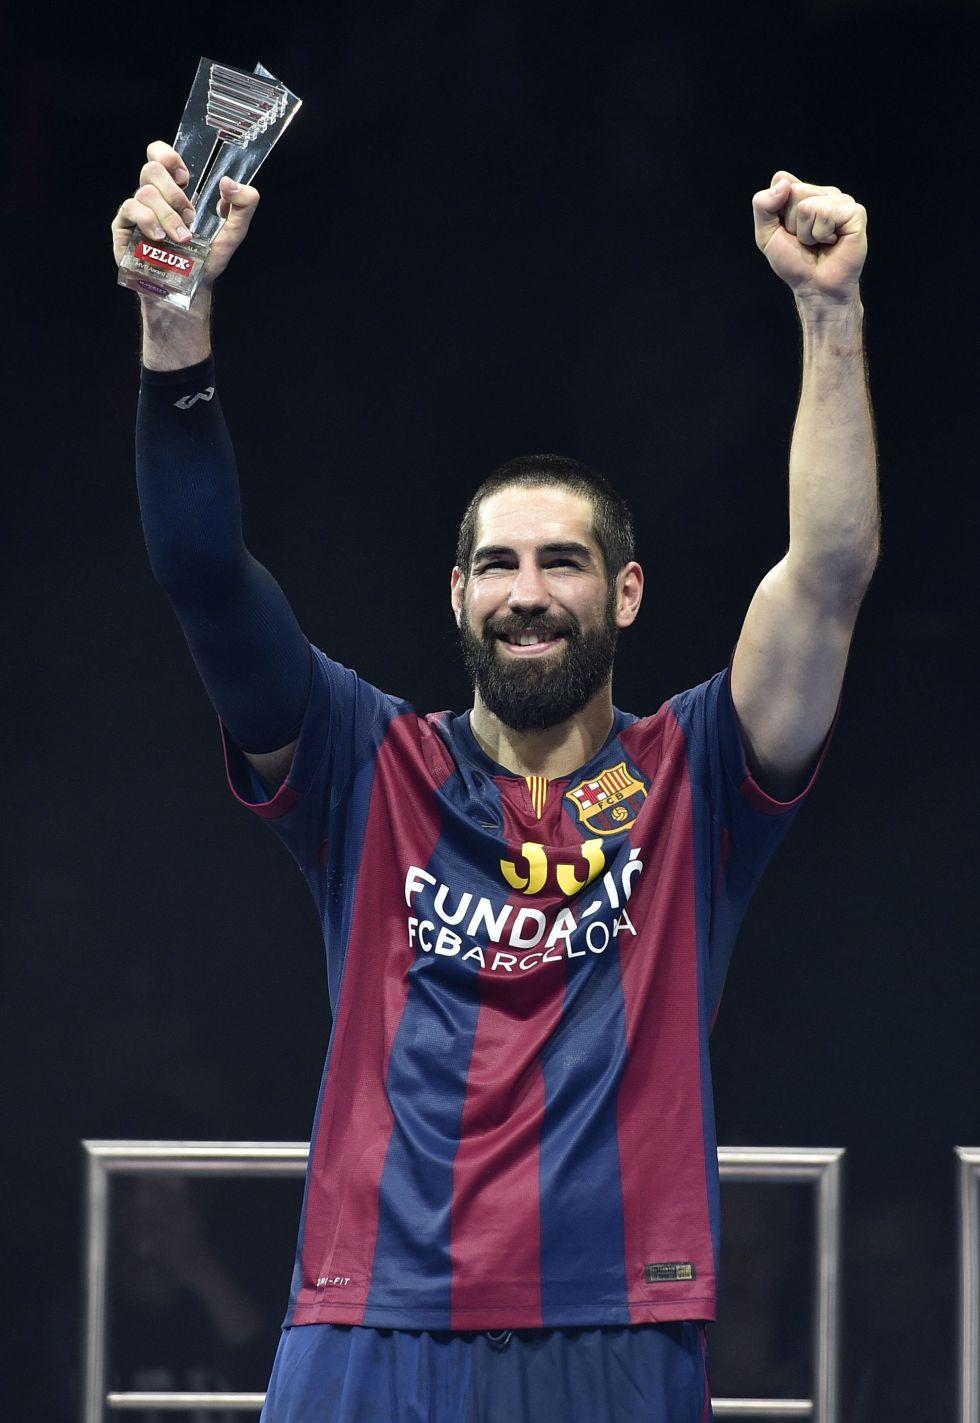 Copa del Rey 2105 1433523925_186758_1433524051_noticia_grande